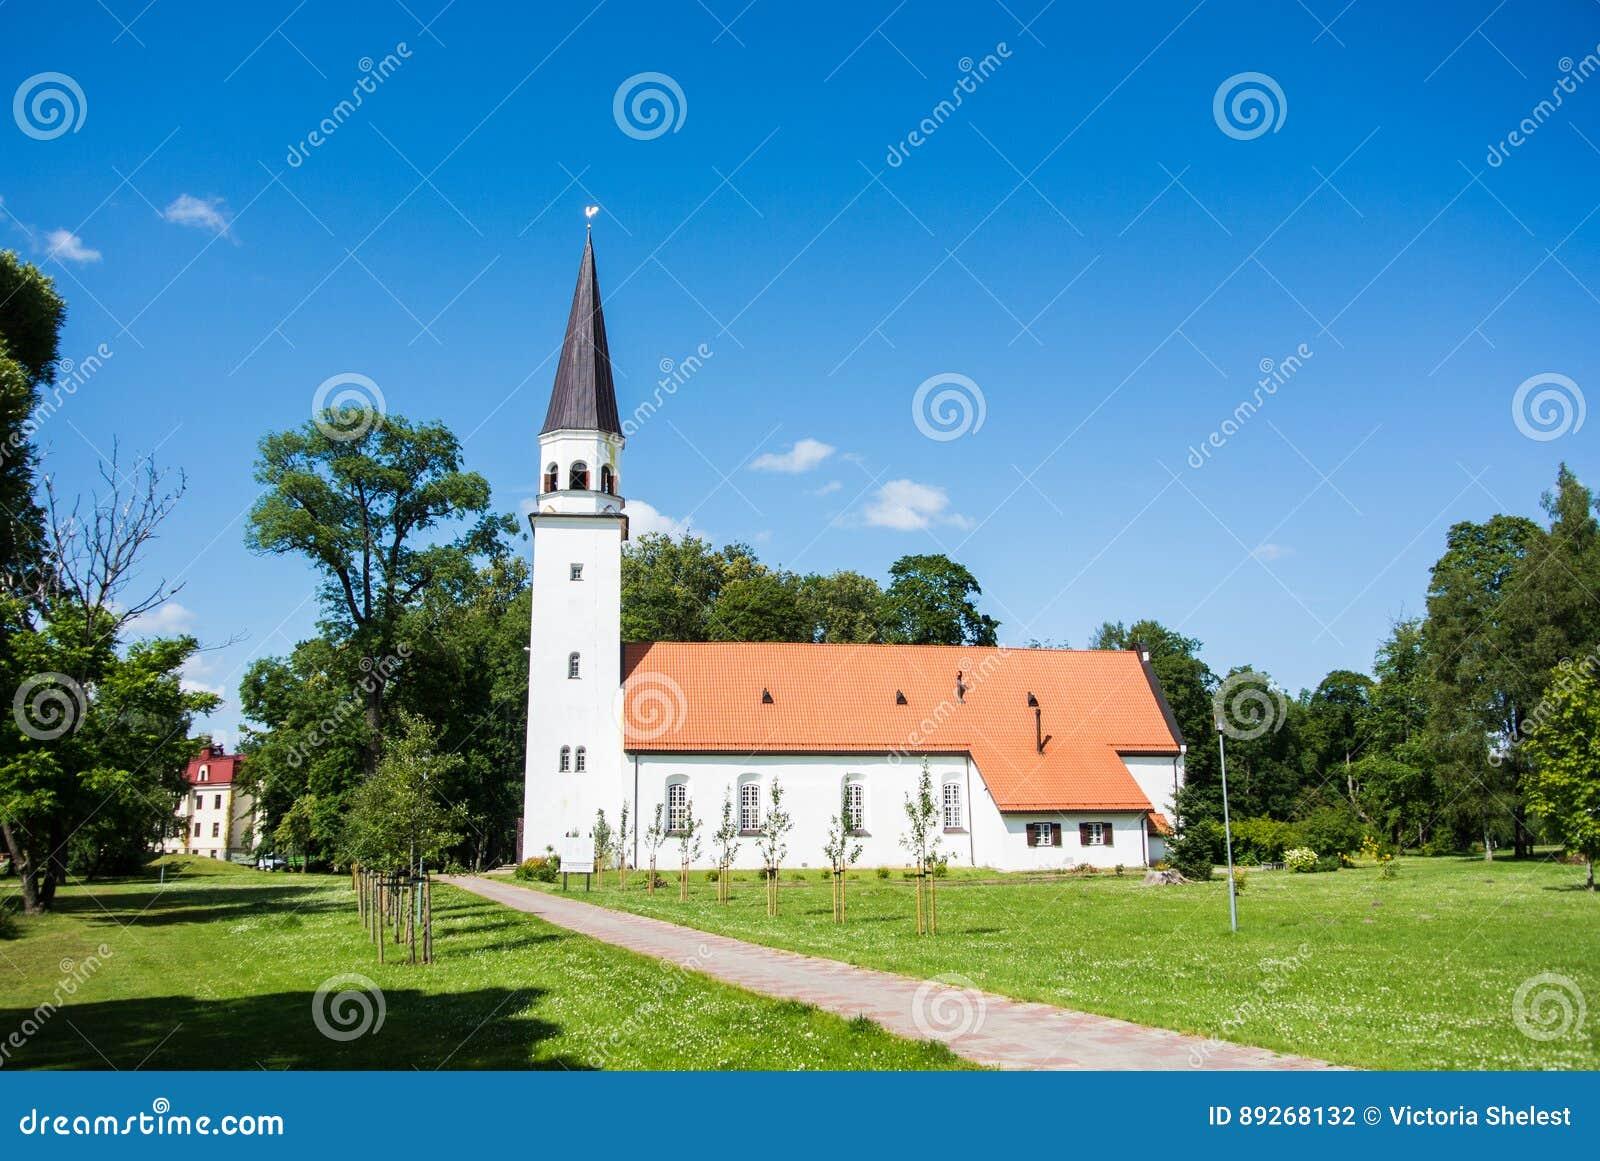 Εβαγγελική λουθηρανική εκκλησία Sigulda, μια εκκλησία της πόλης Sigulda